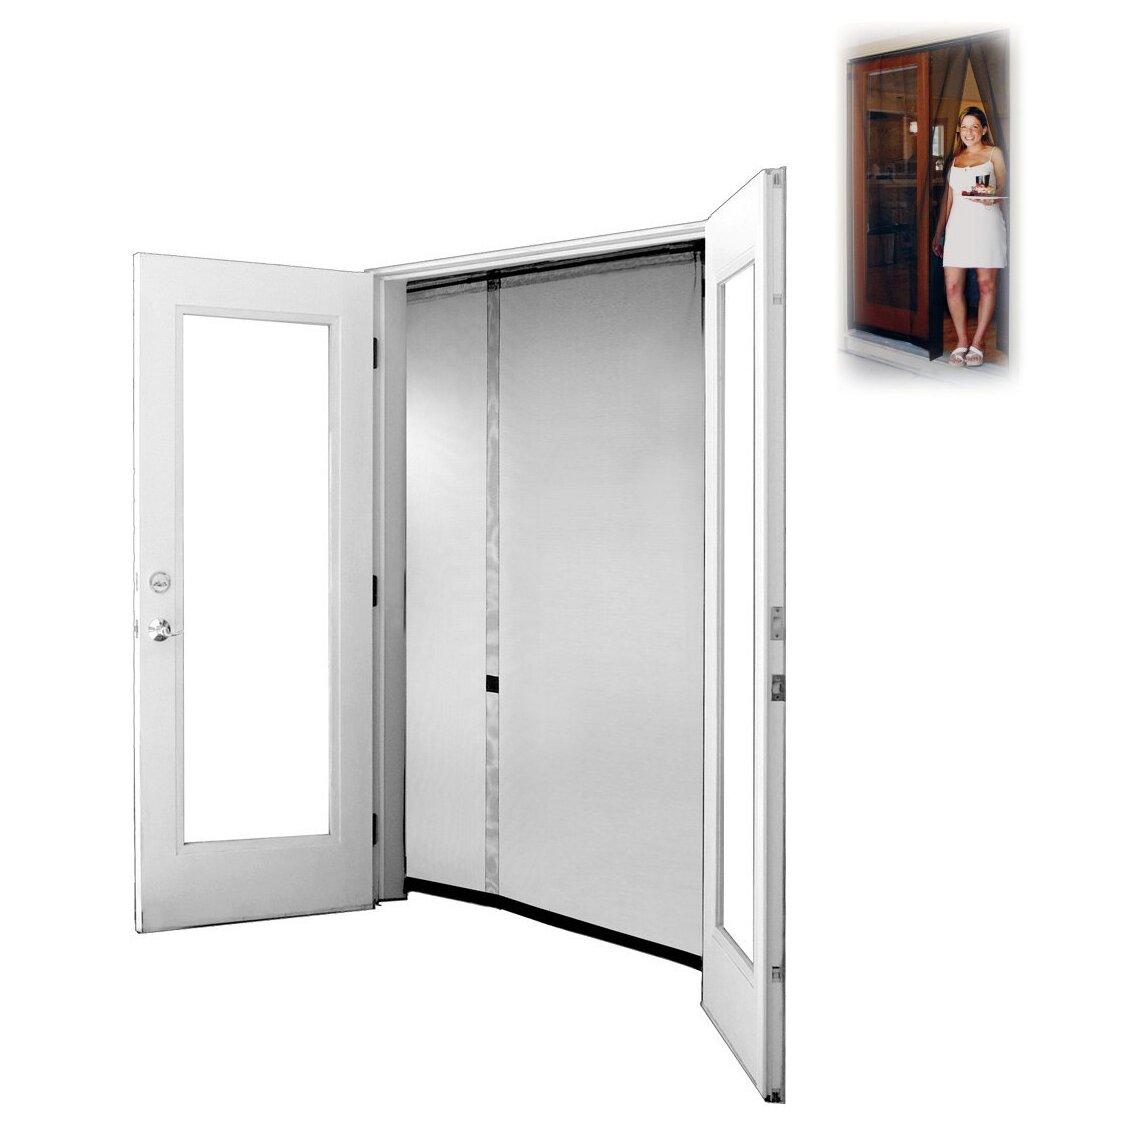 24x80 exterior door btcafo examples doors designs ideas 11405059195047201140 bug off instant screen door reviews wayfair 945c37 24x80 exterior door 11401140 picture vtopaller Images